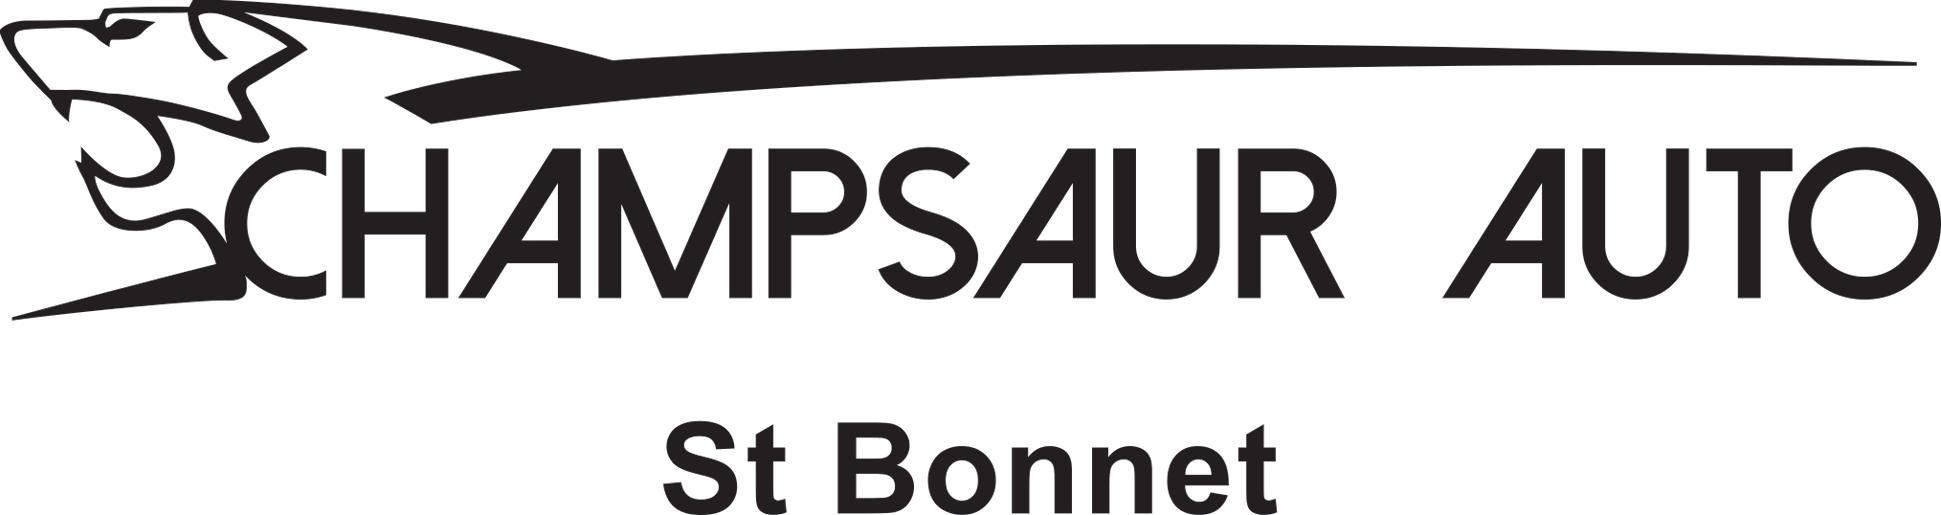 Champsaur